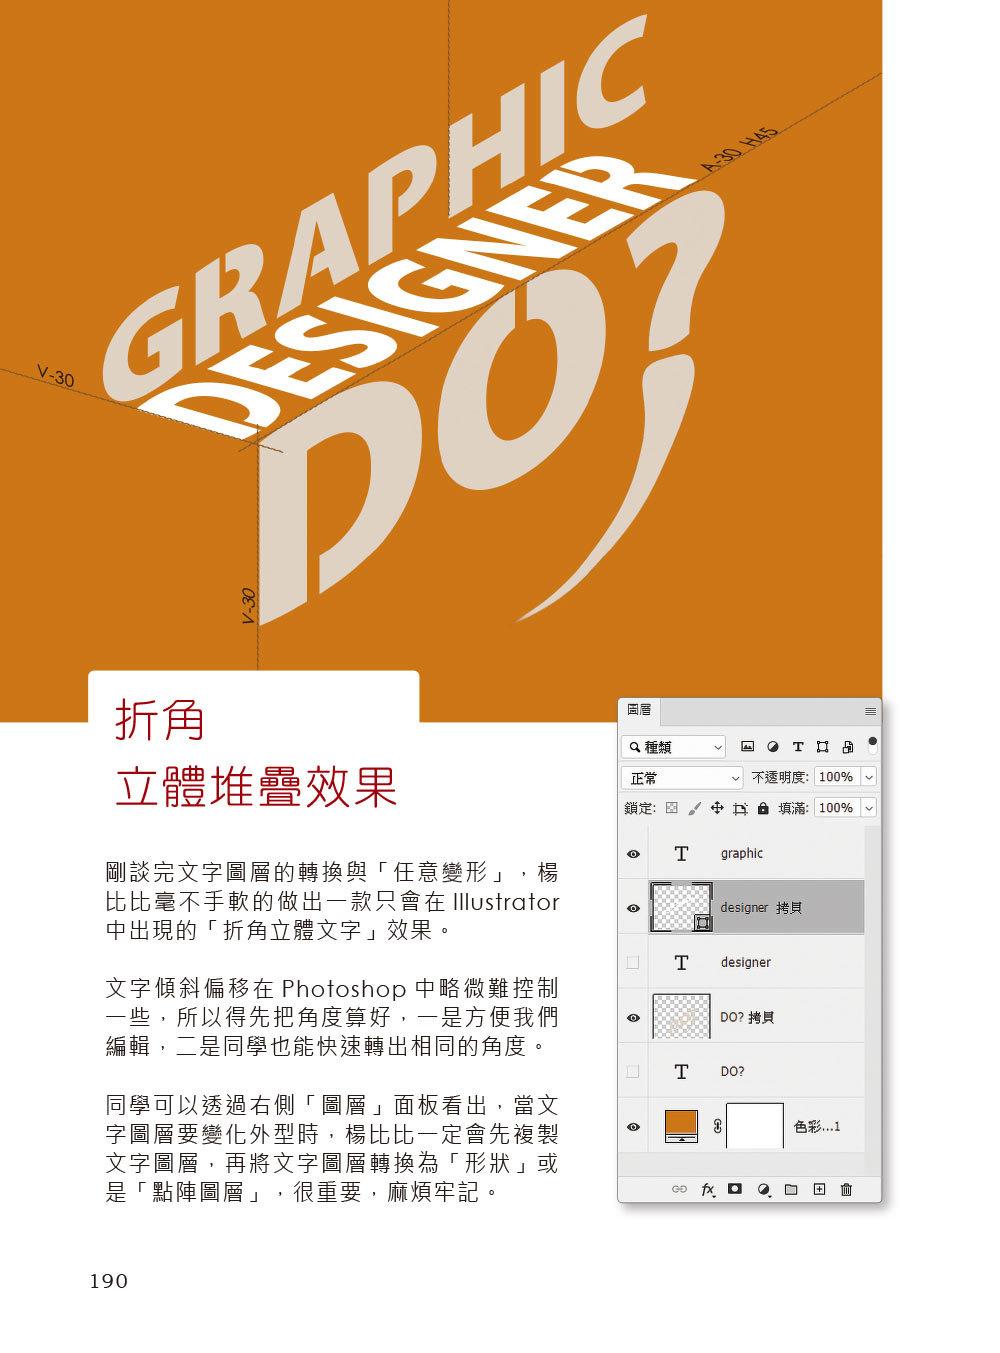 我想學設計!人氣精選 Photoshop 影像編修技:工具x調色x文字x合成x廣告設計(千萬網友點擊推薦狂推必學)-preview-9